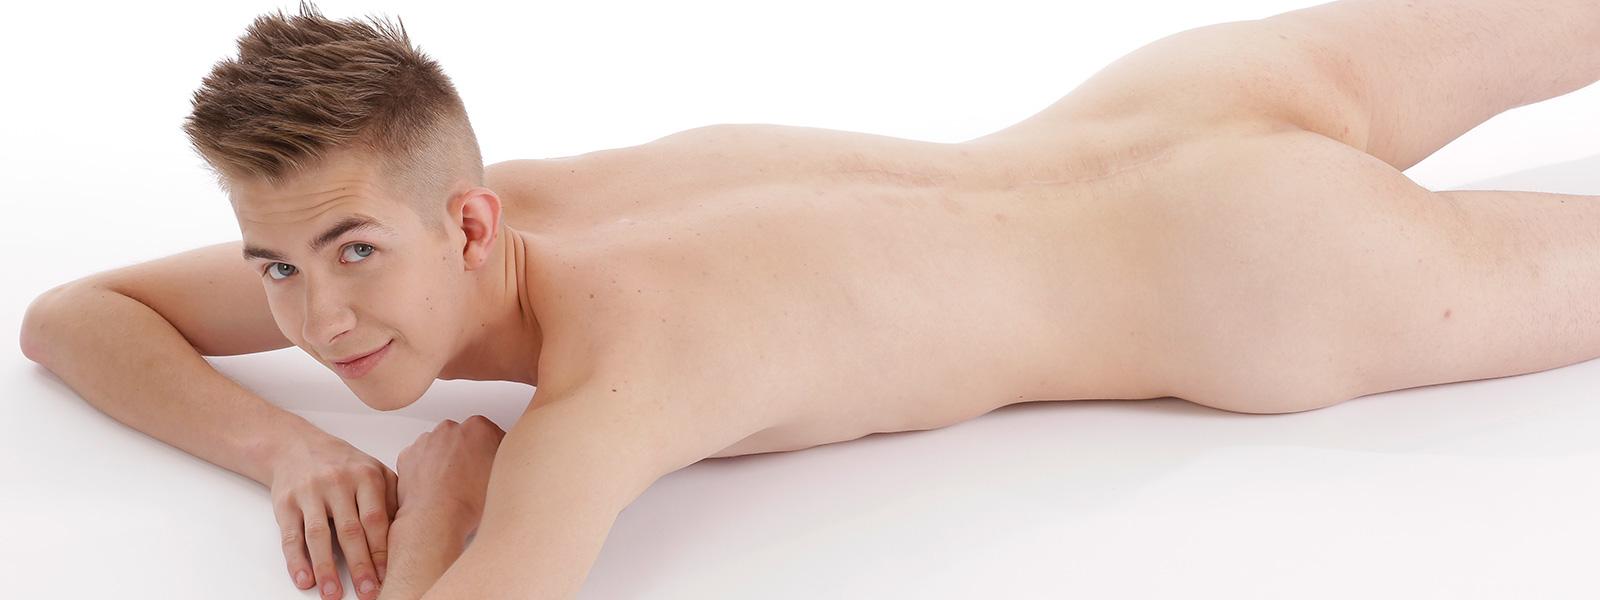 naked Johnathan Strake